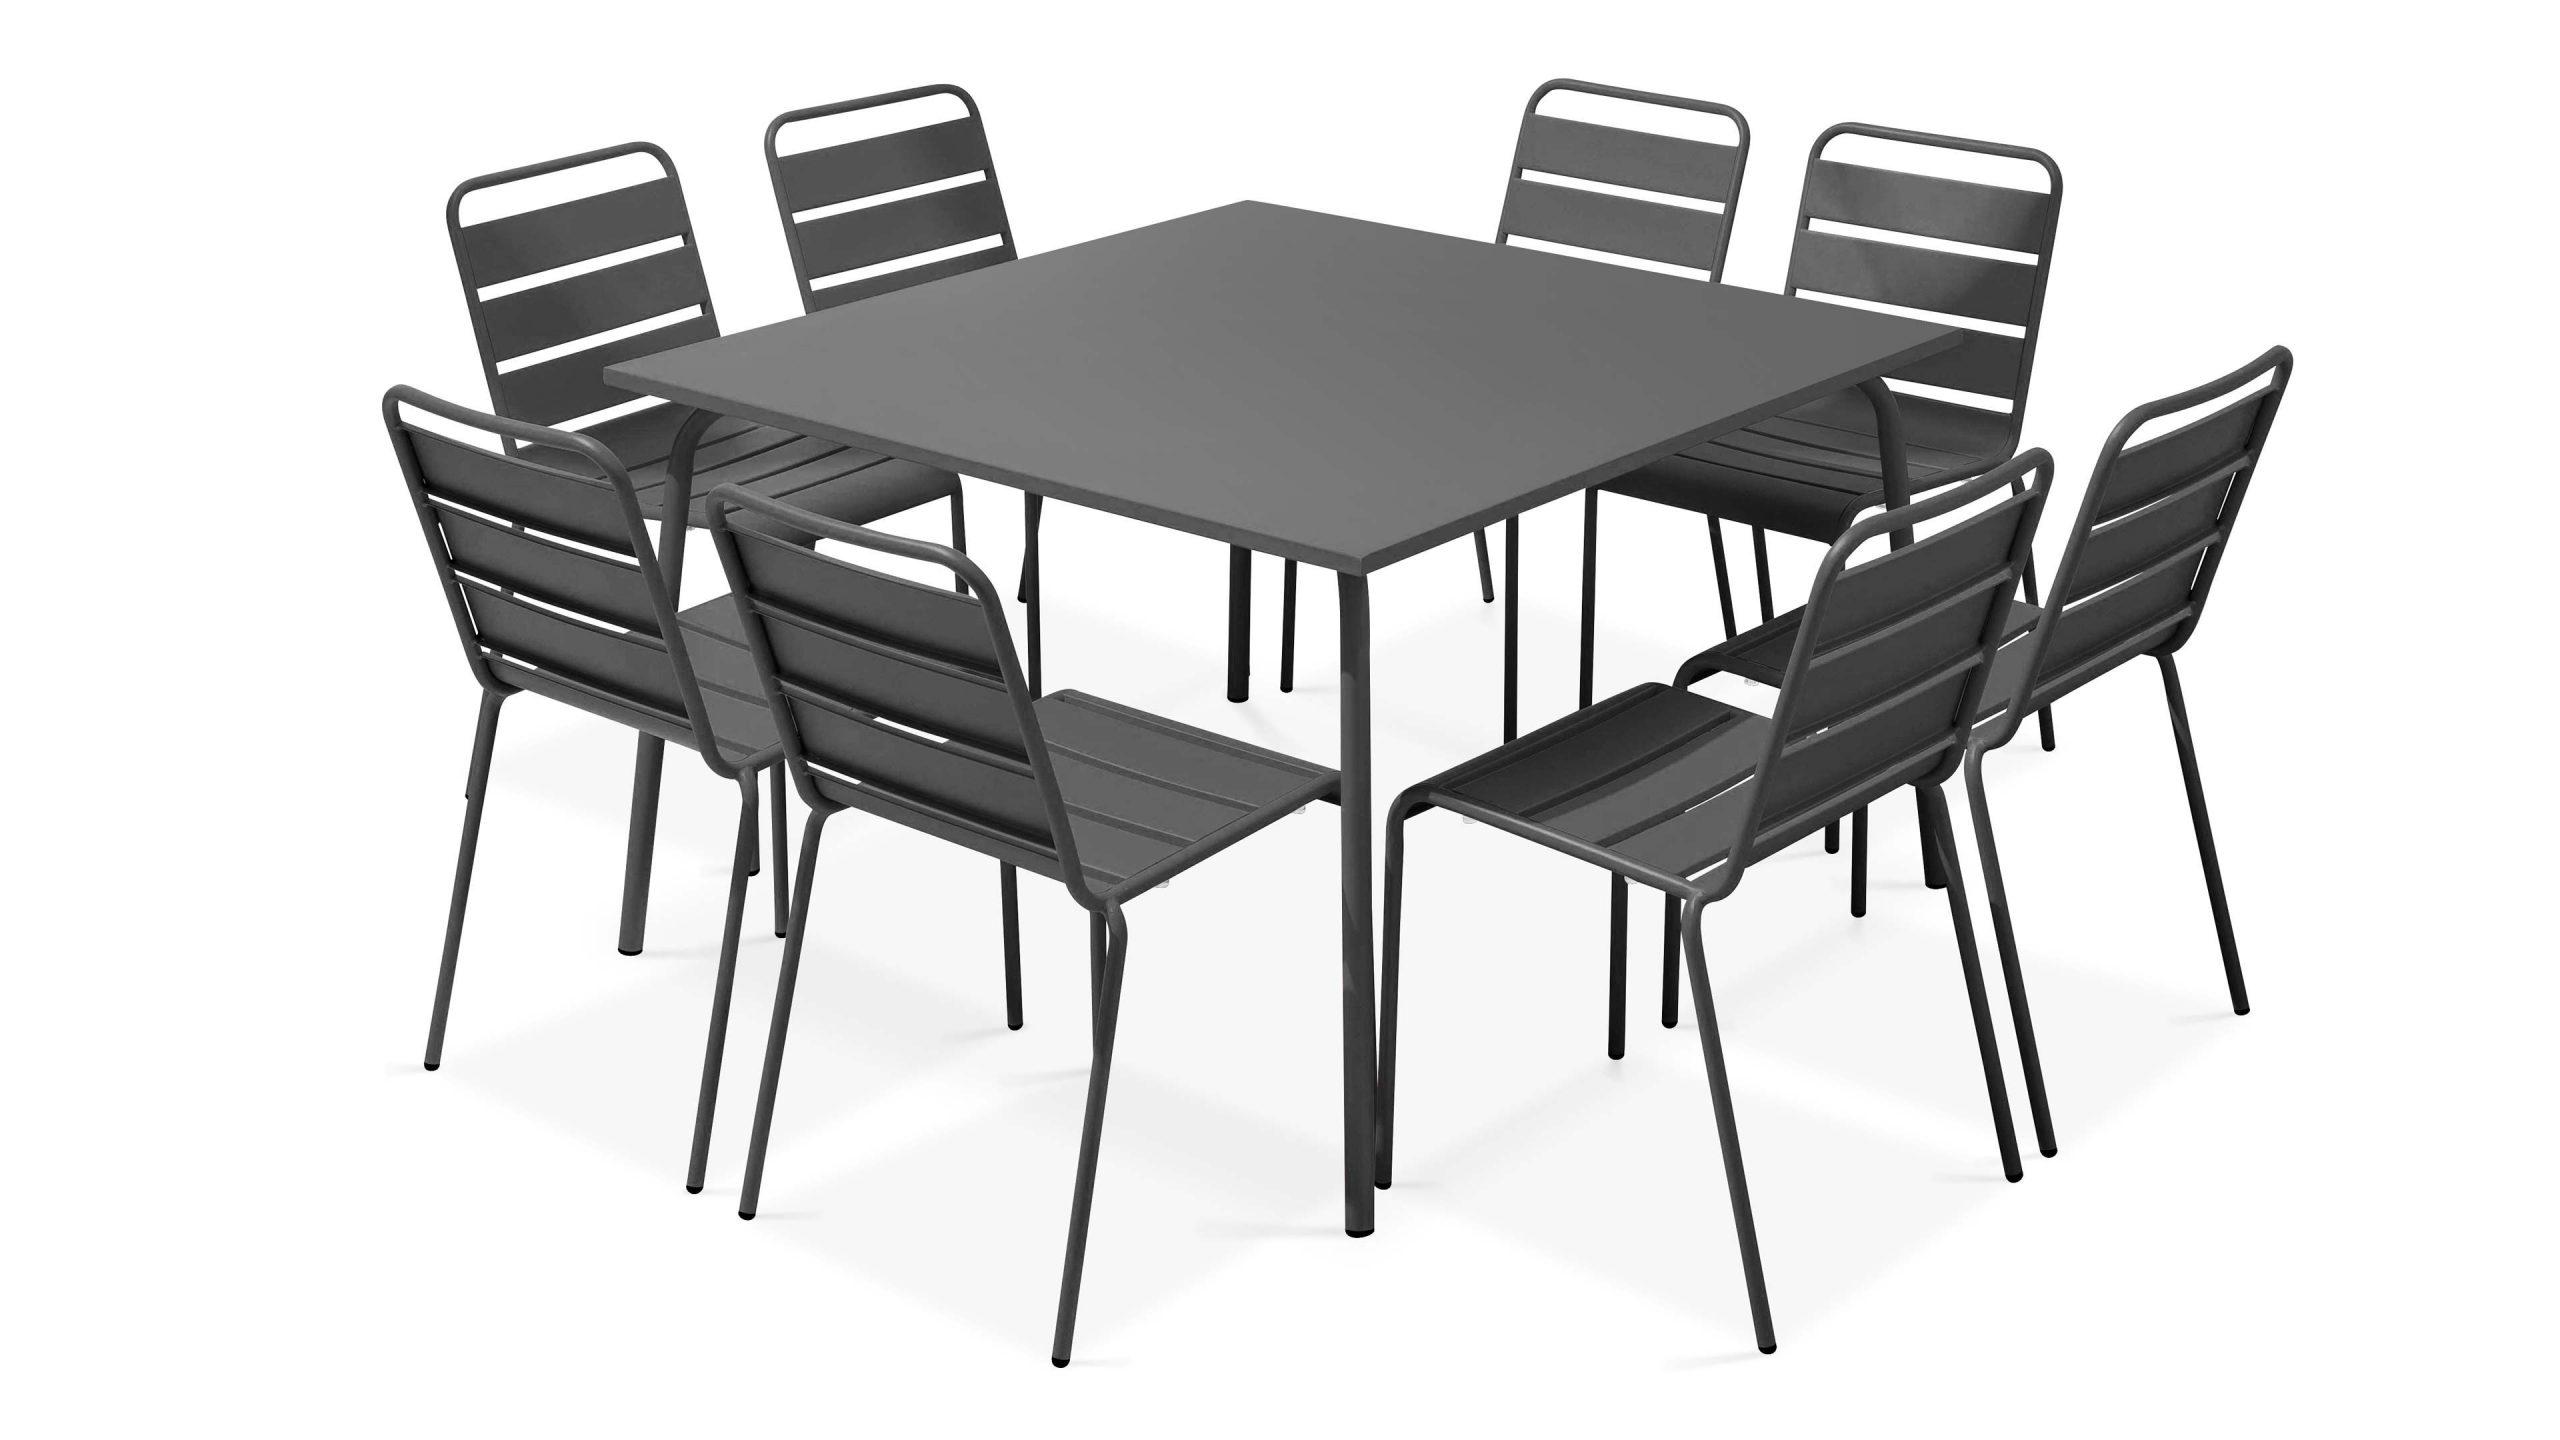 Table De Jardin Carrée En Métal, 8 Chaises | Palavas à Table De Jardin Carrée 8 Personnes